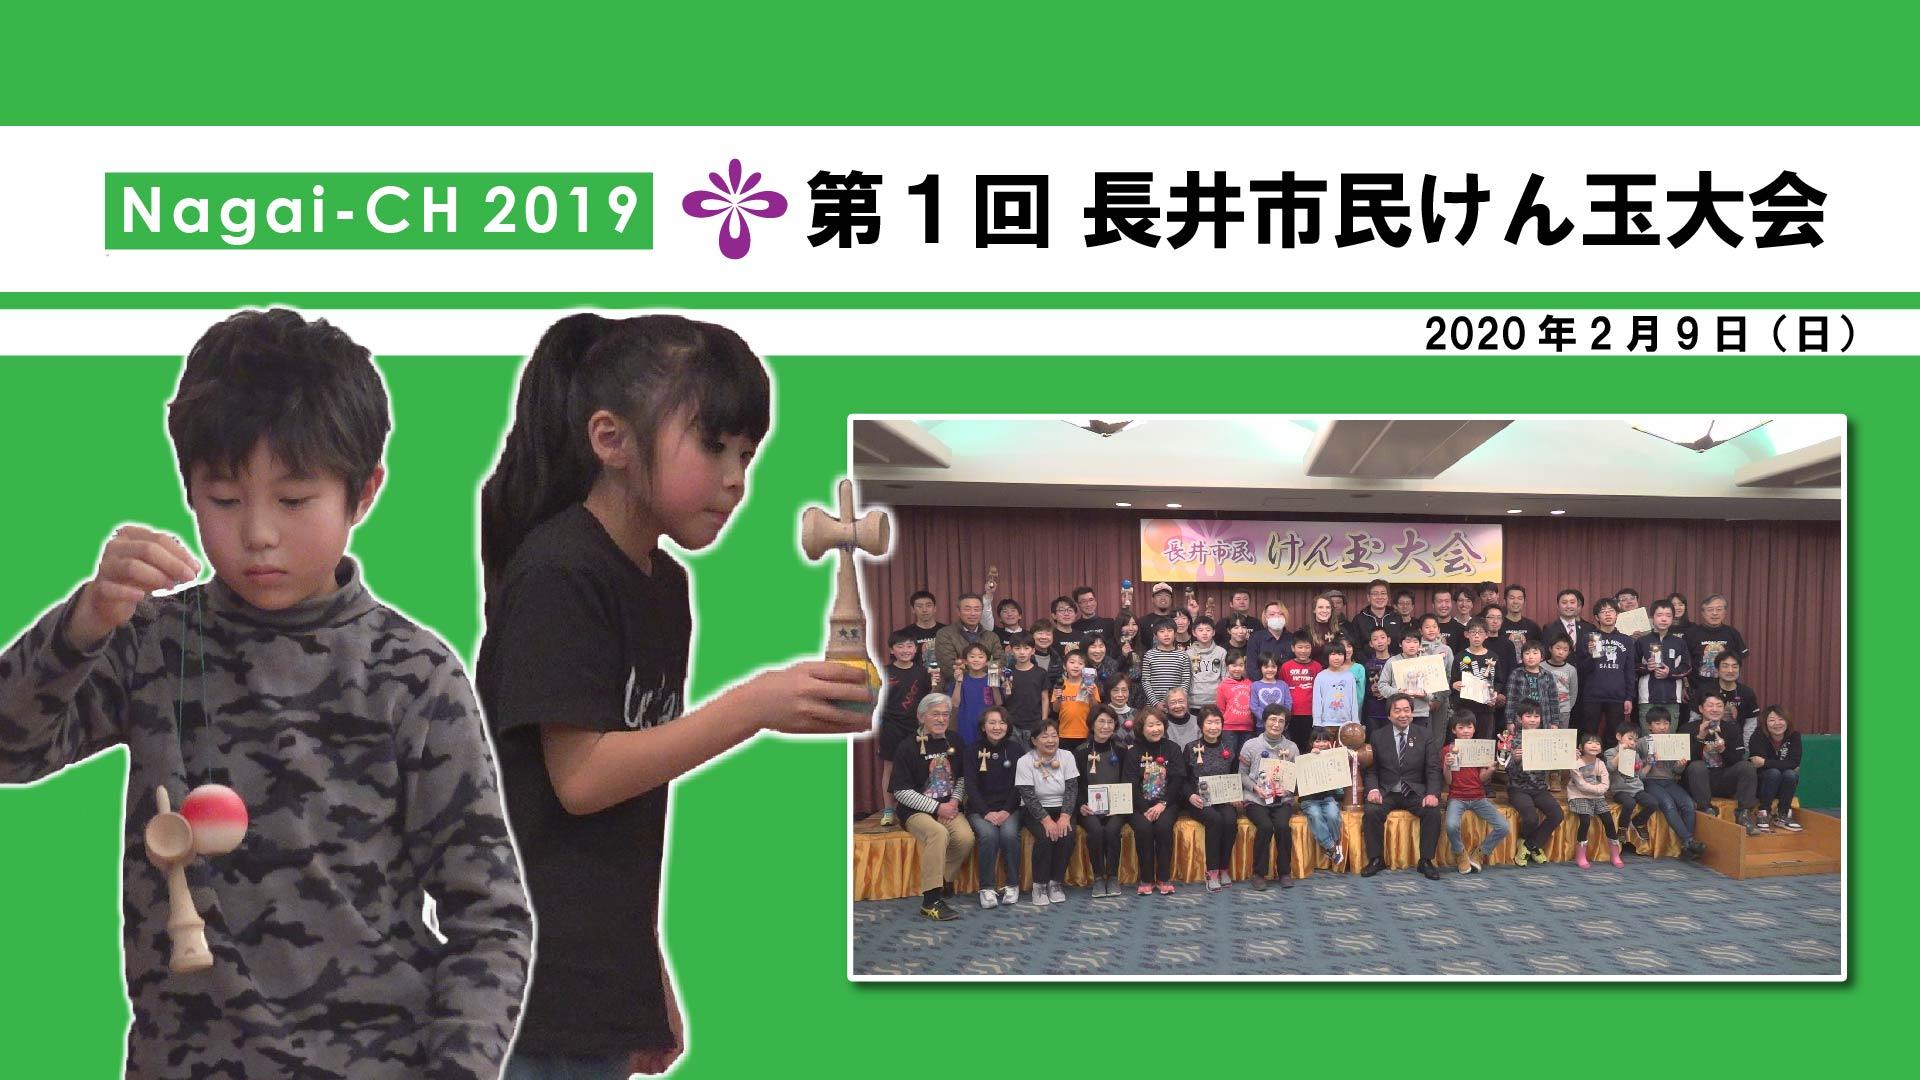 【長井市】第1回長井市民けん玉大会(令和2年2月9日)